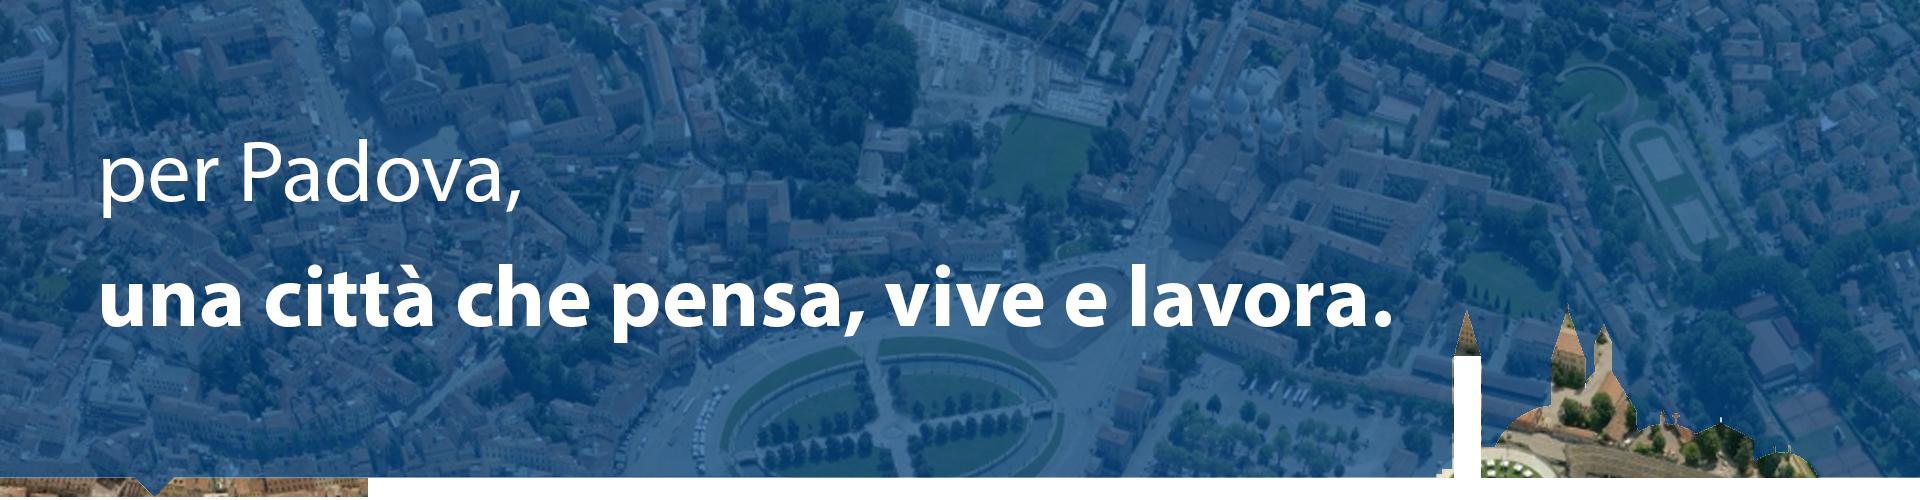 per Padova, la nostra città